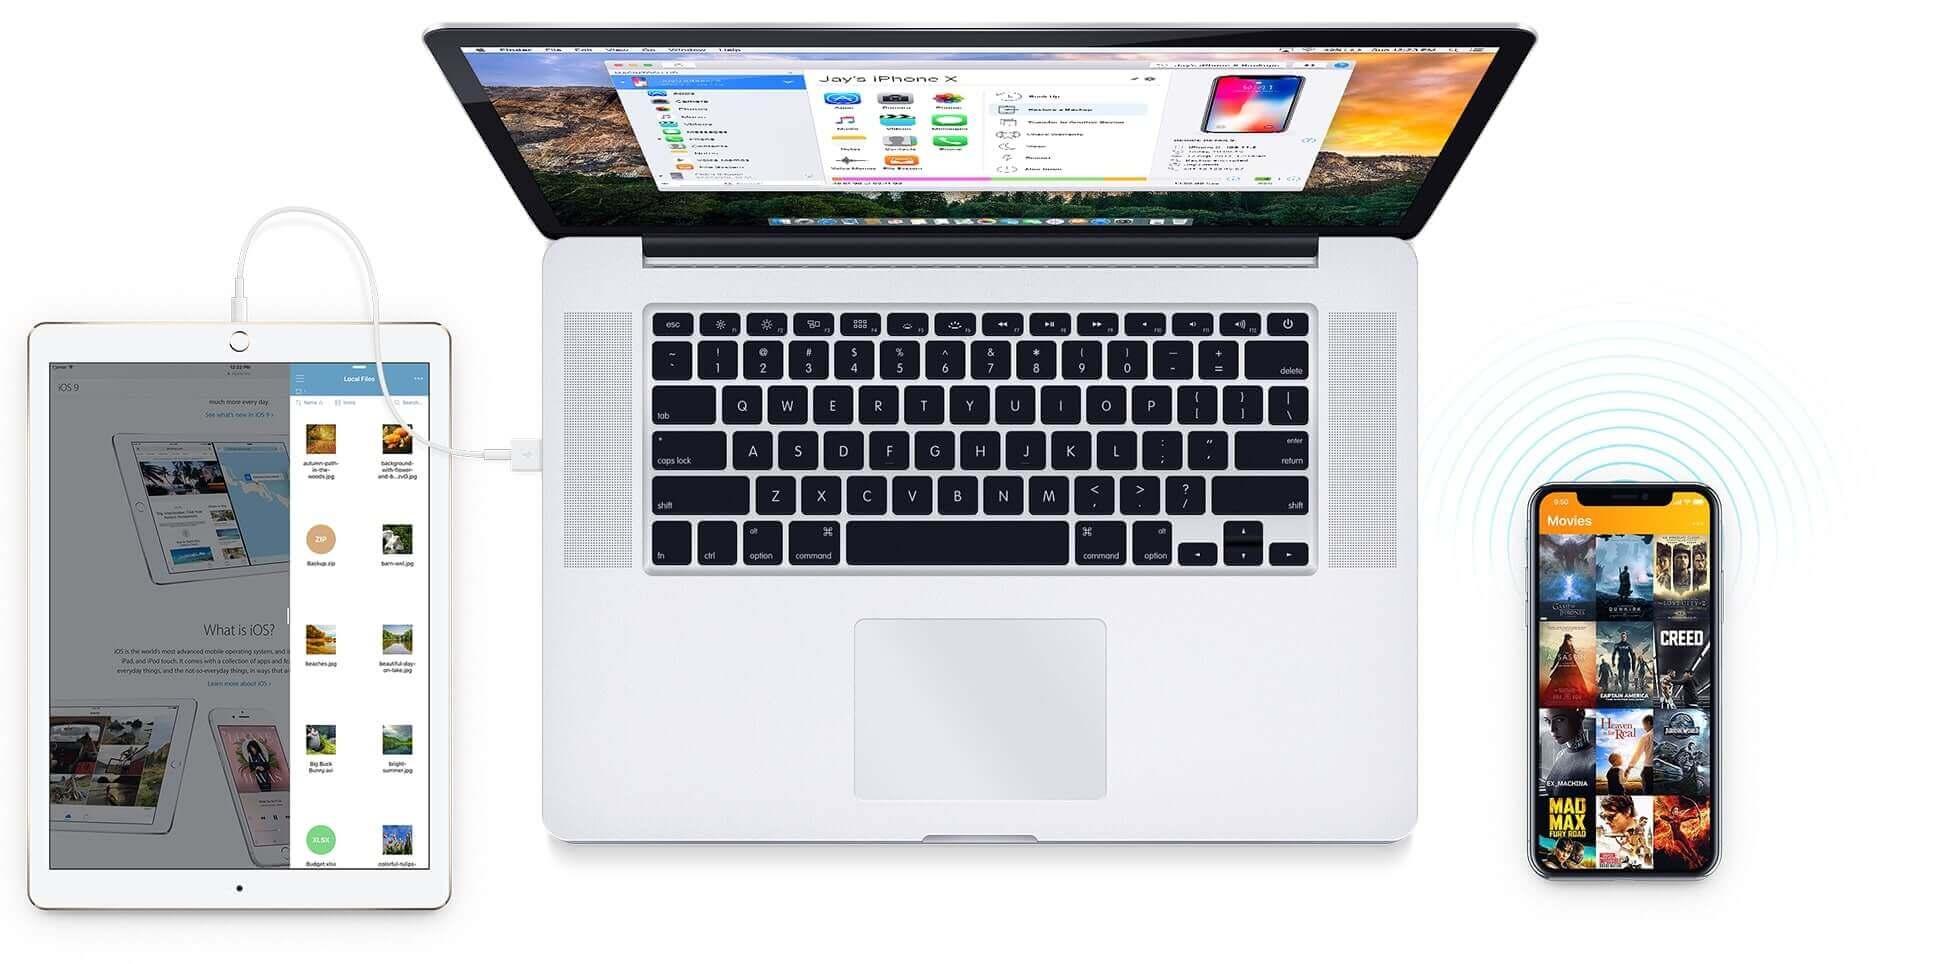 iphone file to mac